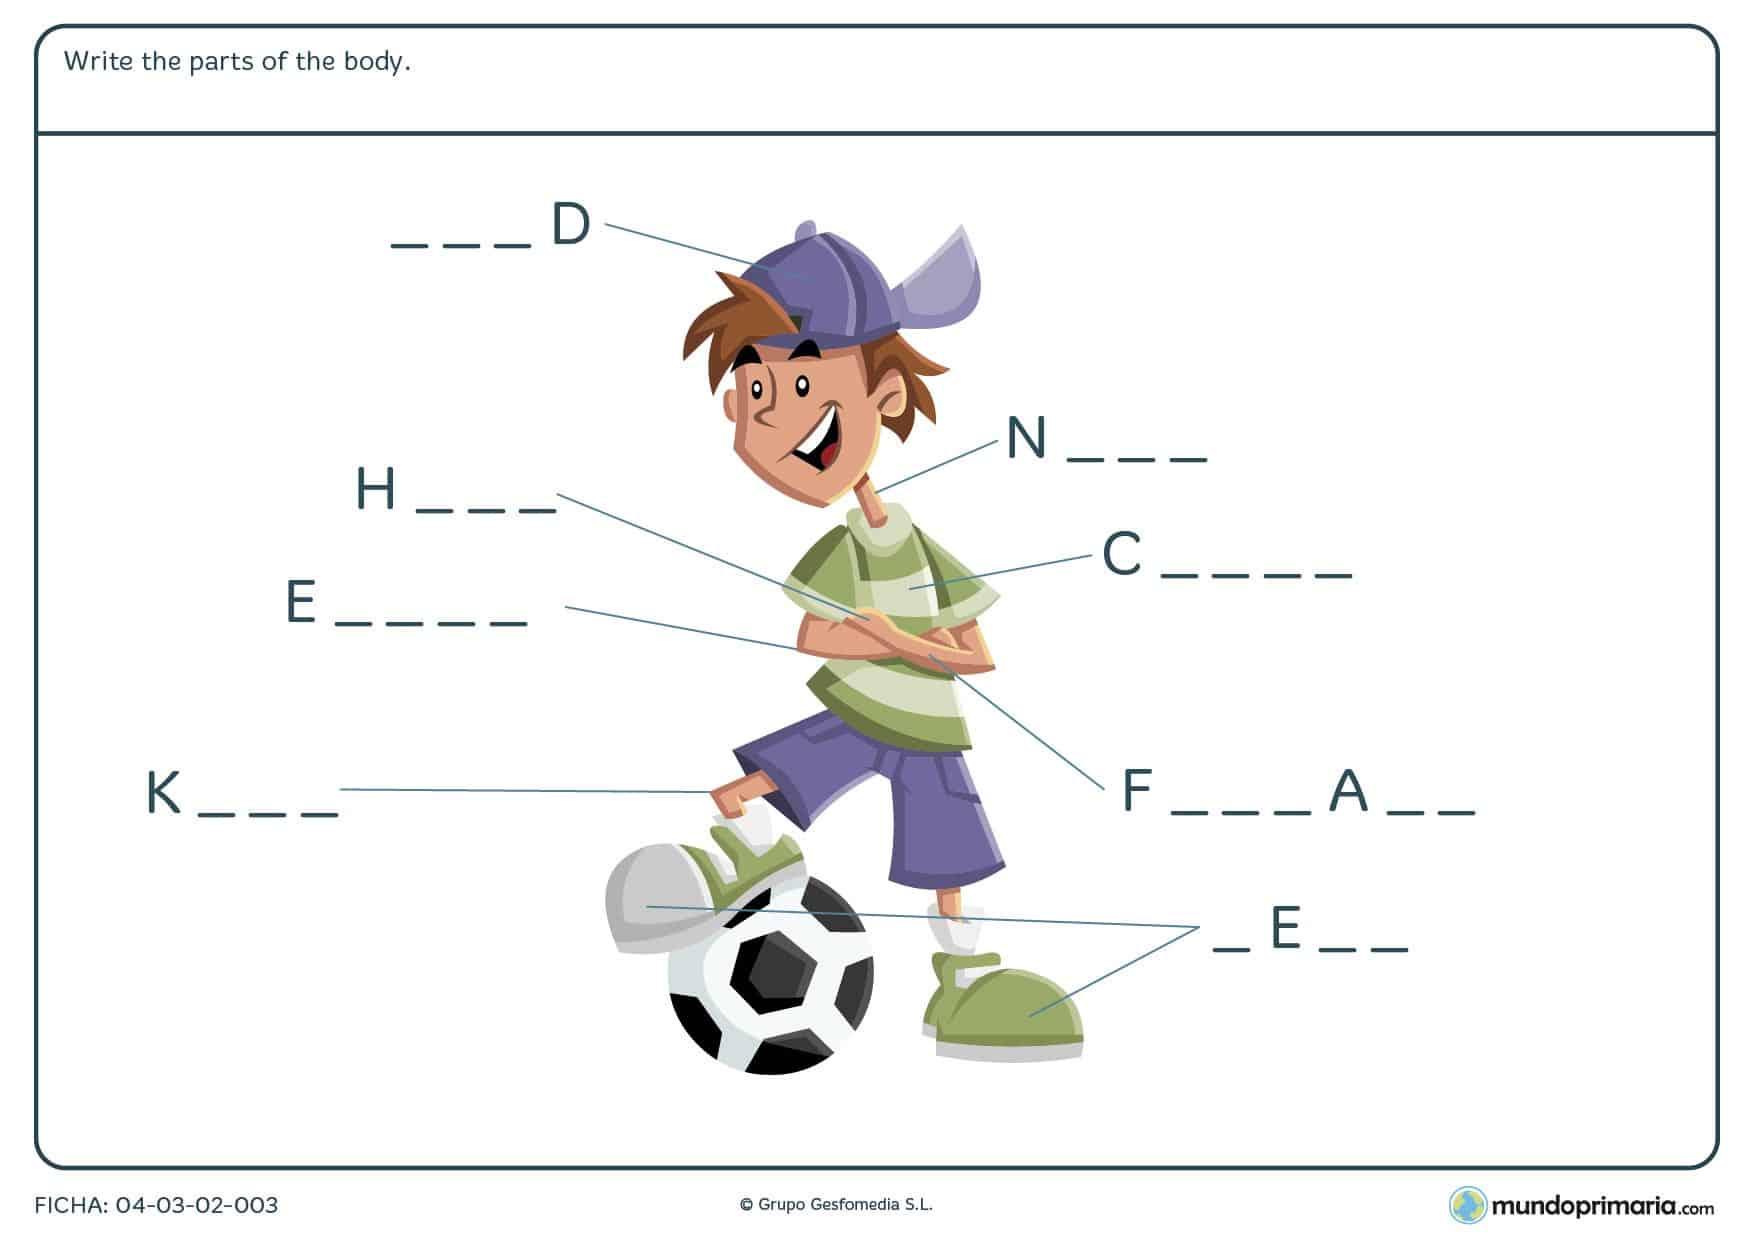 Rellena los huecos con las partes del cuerpo del chico en inglés